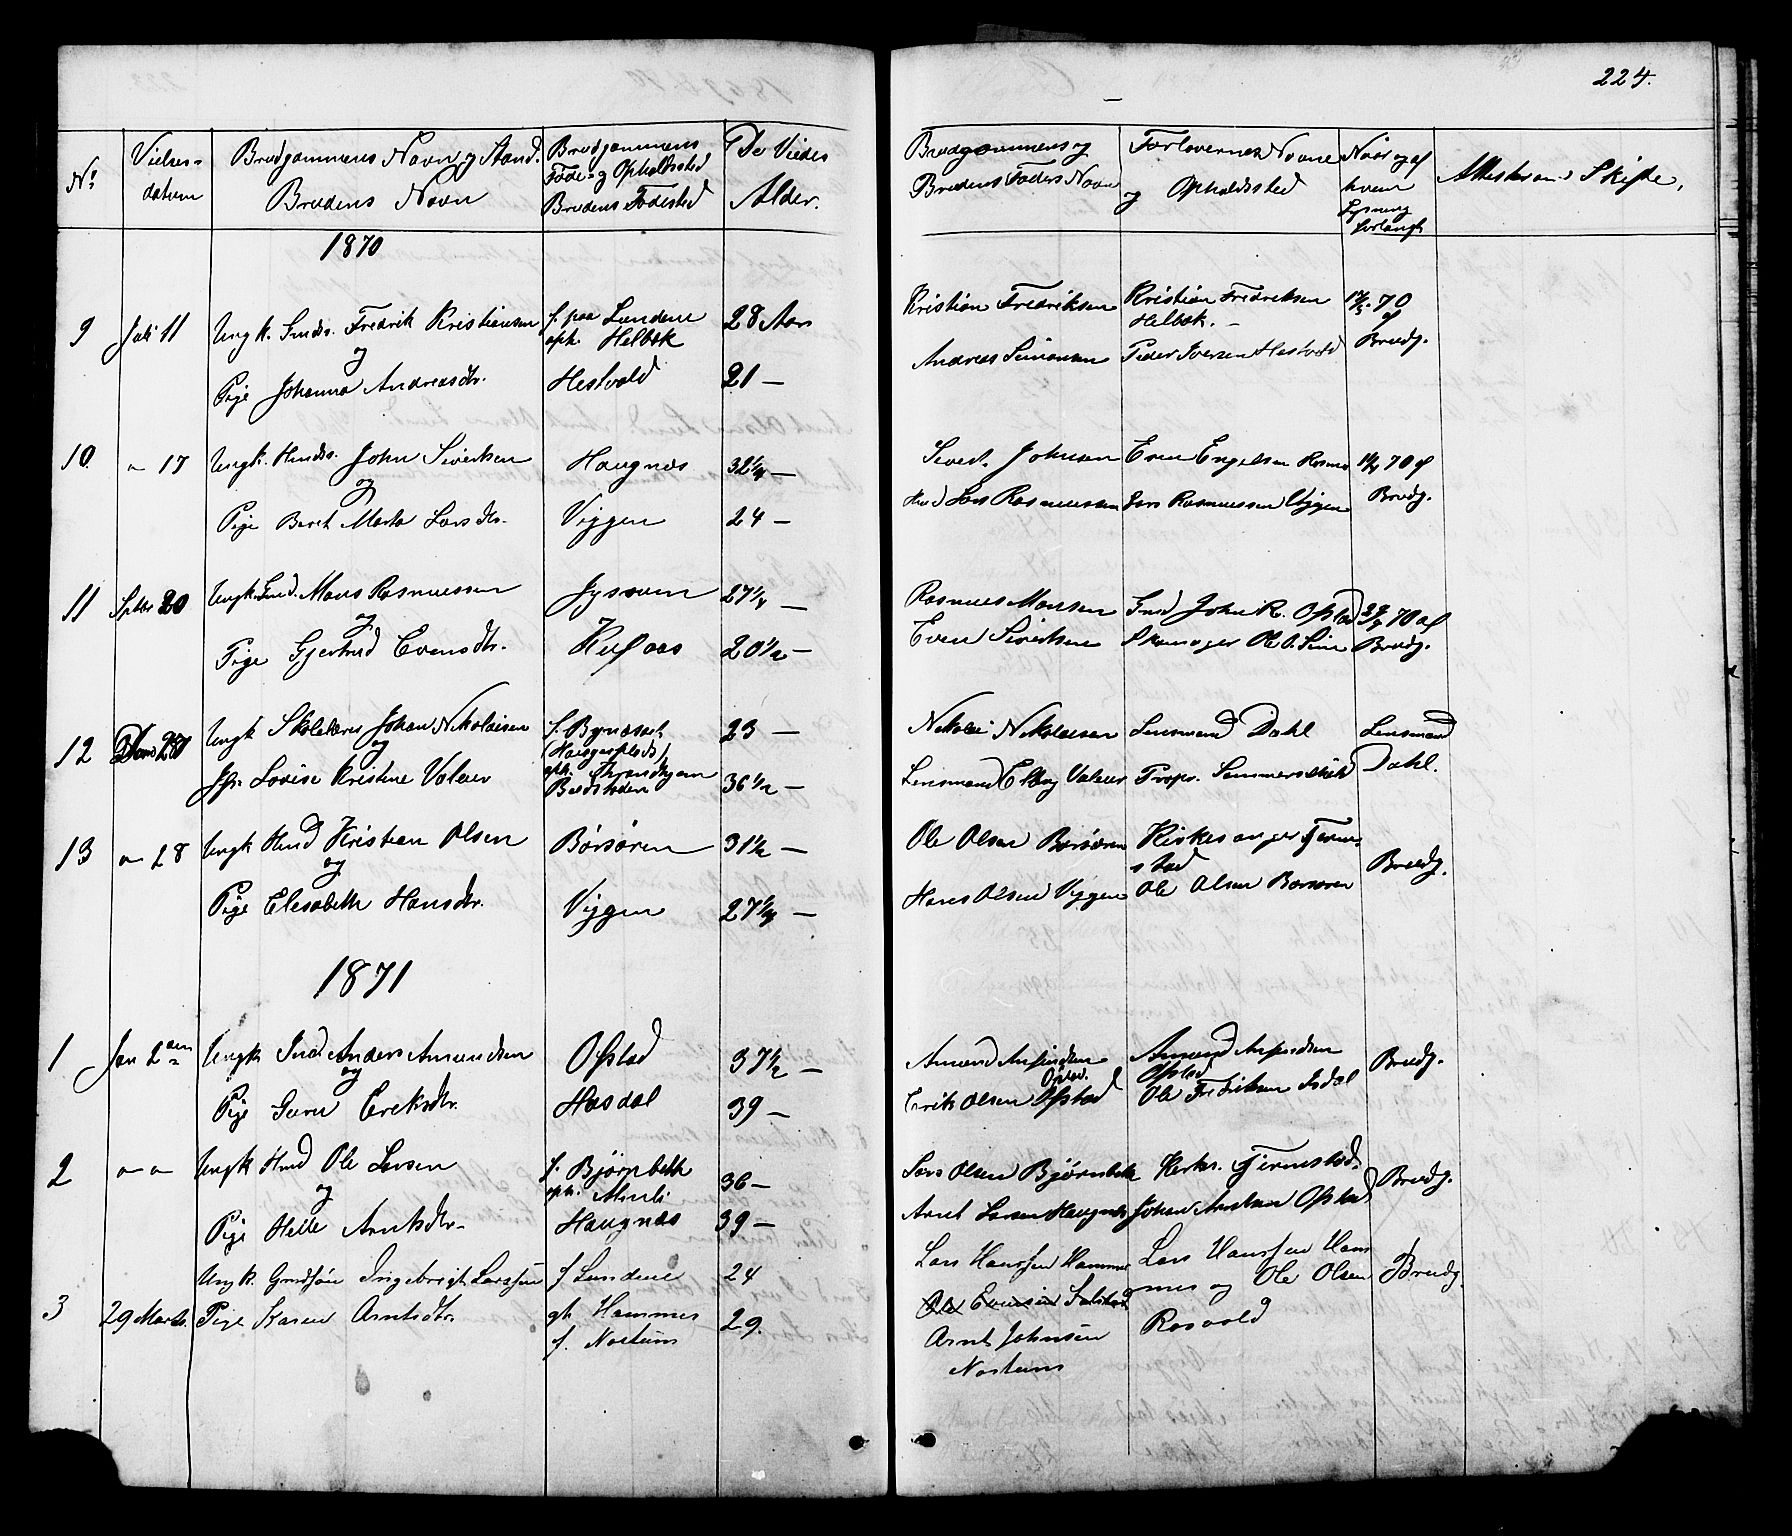 SAT, Ministerialprotokoller, klokkerbøker og fødselsregistre - Sør-Trøndelag, 665/L0777: Klokkerbok nr. 665C02, 1867-1915, s. 224